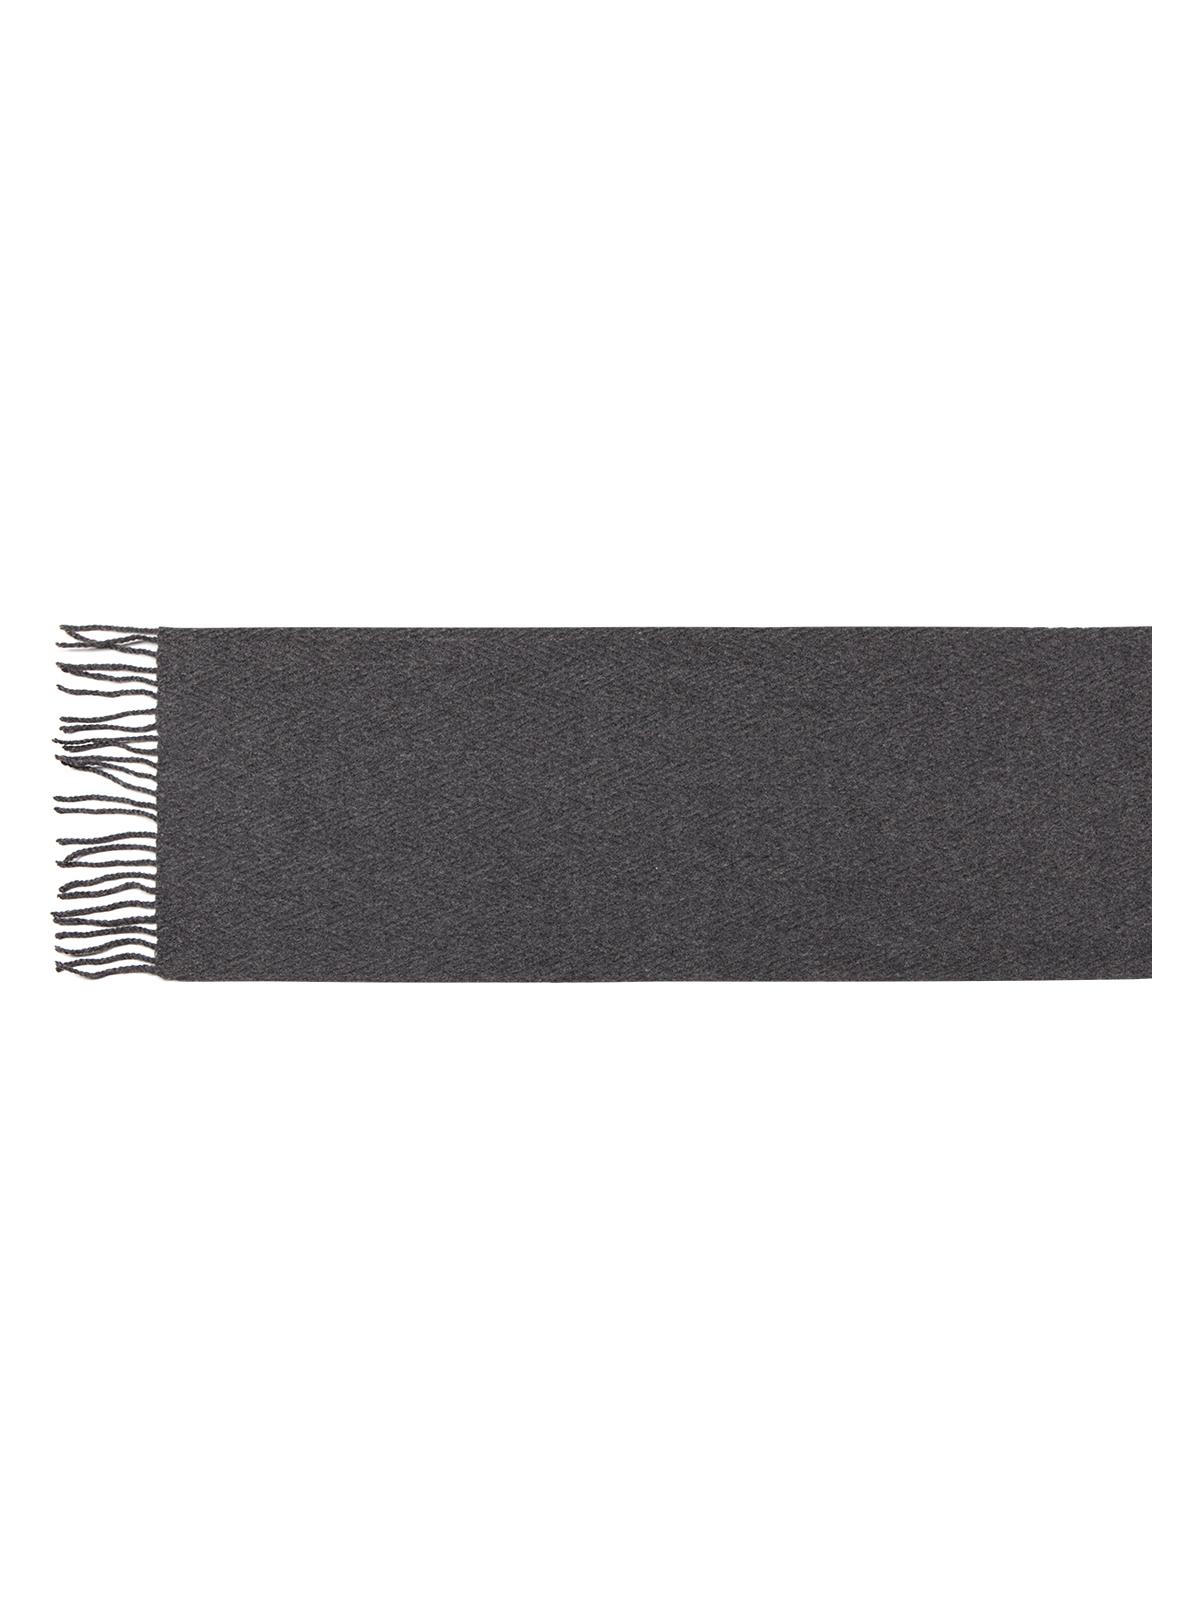 LU42-282Элегантный мужской шарф Labbra согреет вас в холодное время года, а также станет изысканным аксессуаром. Оригинальный и стильный шарф выполнен из сочетания высококачественных материалов шерсти и кашемира. Изделие оформлено оригинальным вязаным узором. По короткому краю модель оформлена бахромой.